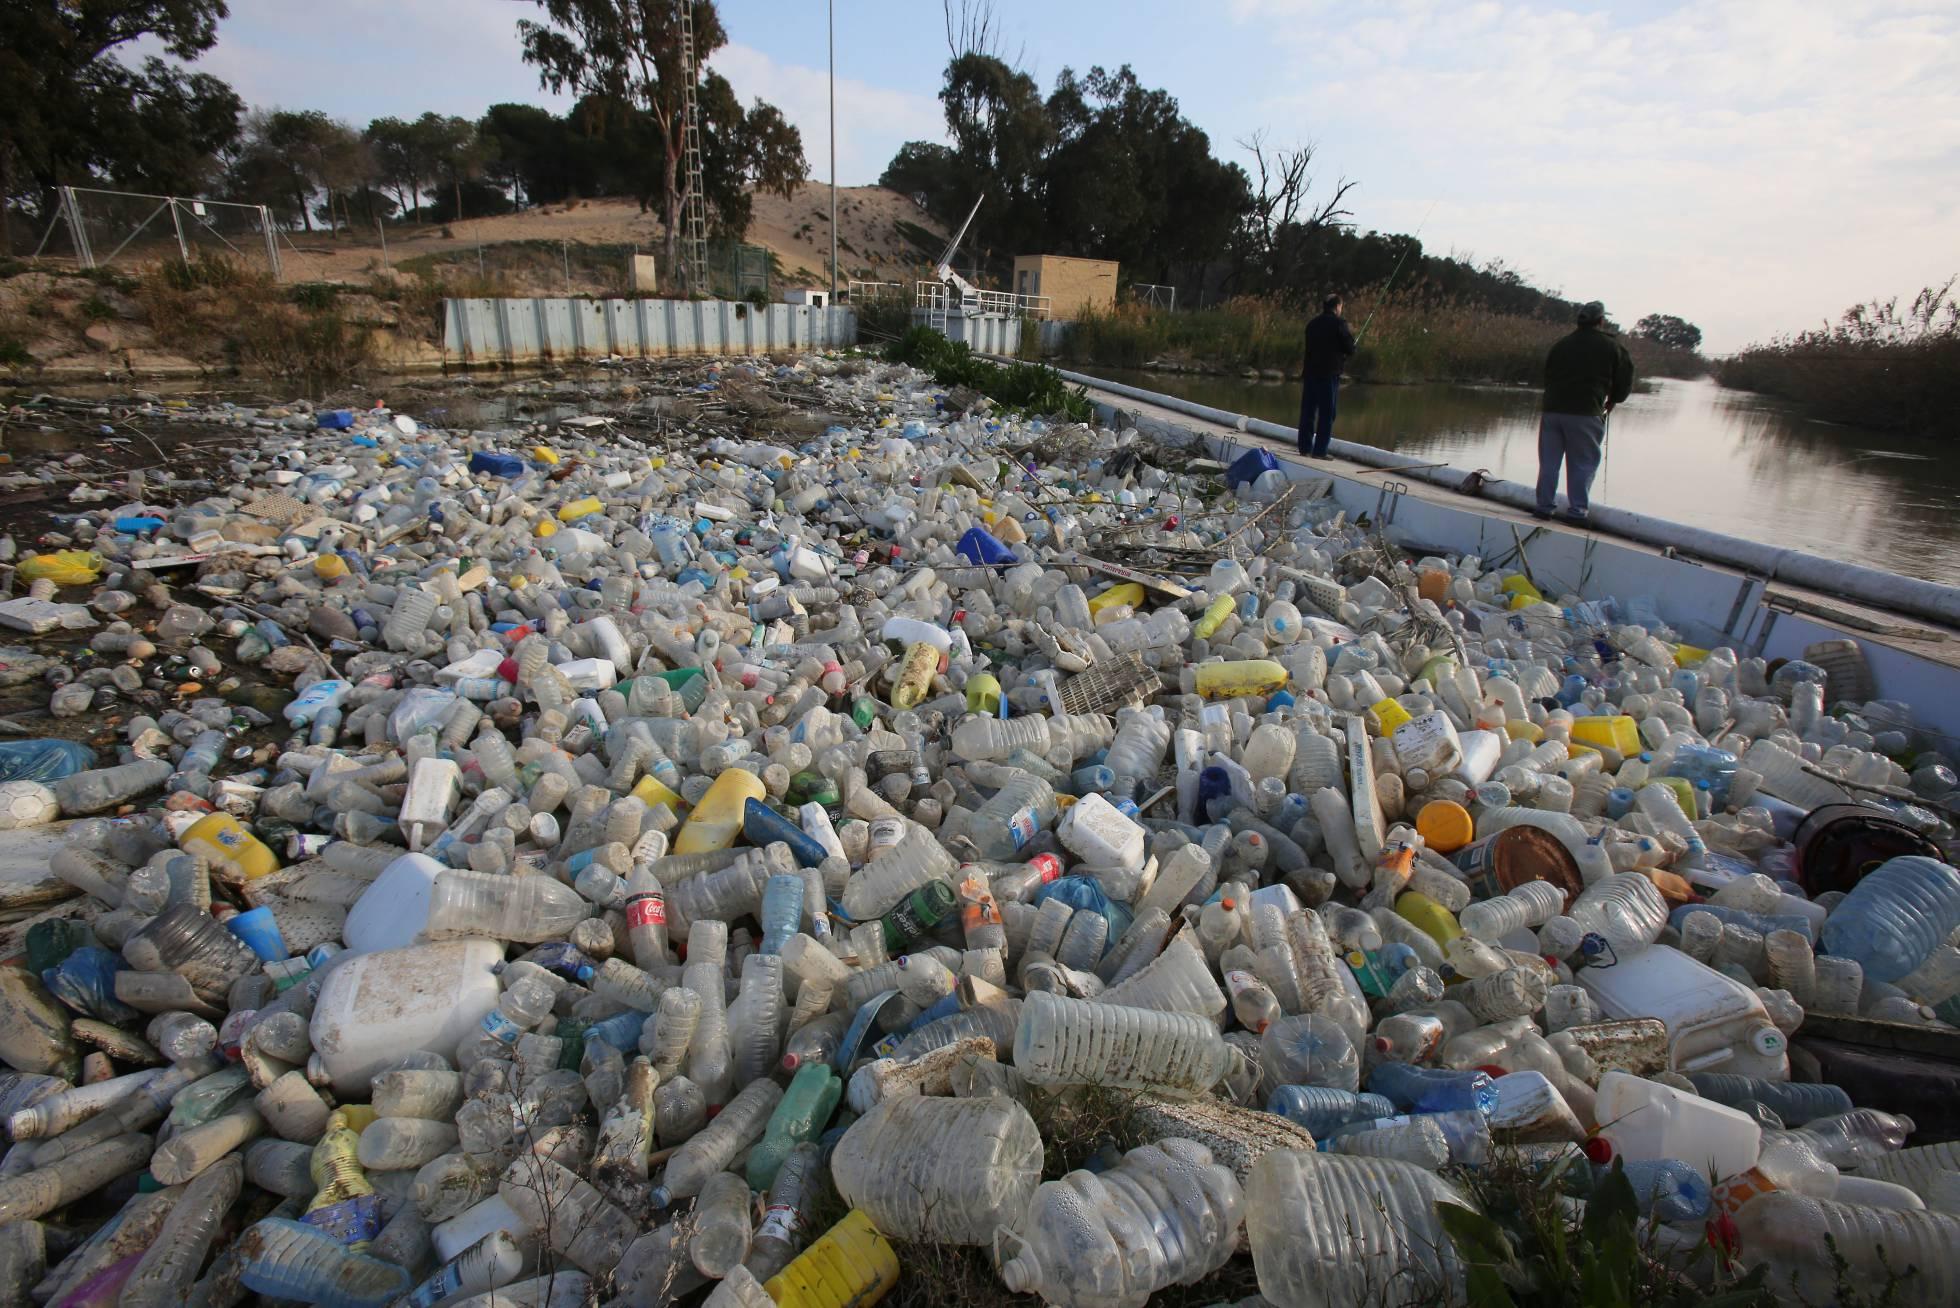 Cientos de recipientes de plástico se acumulan el el cauce viejo del Segura. Joaquín de Haro